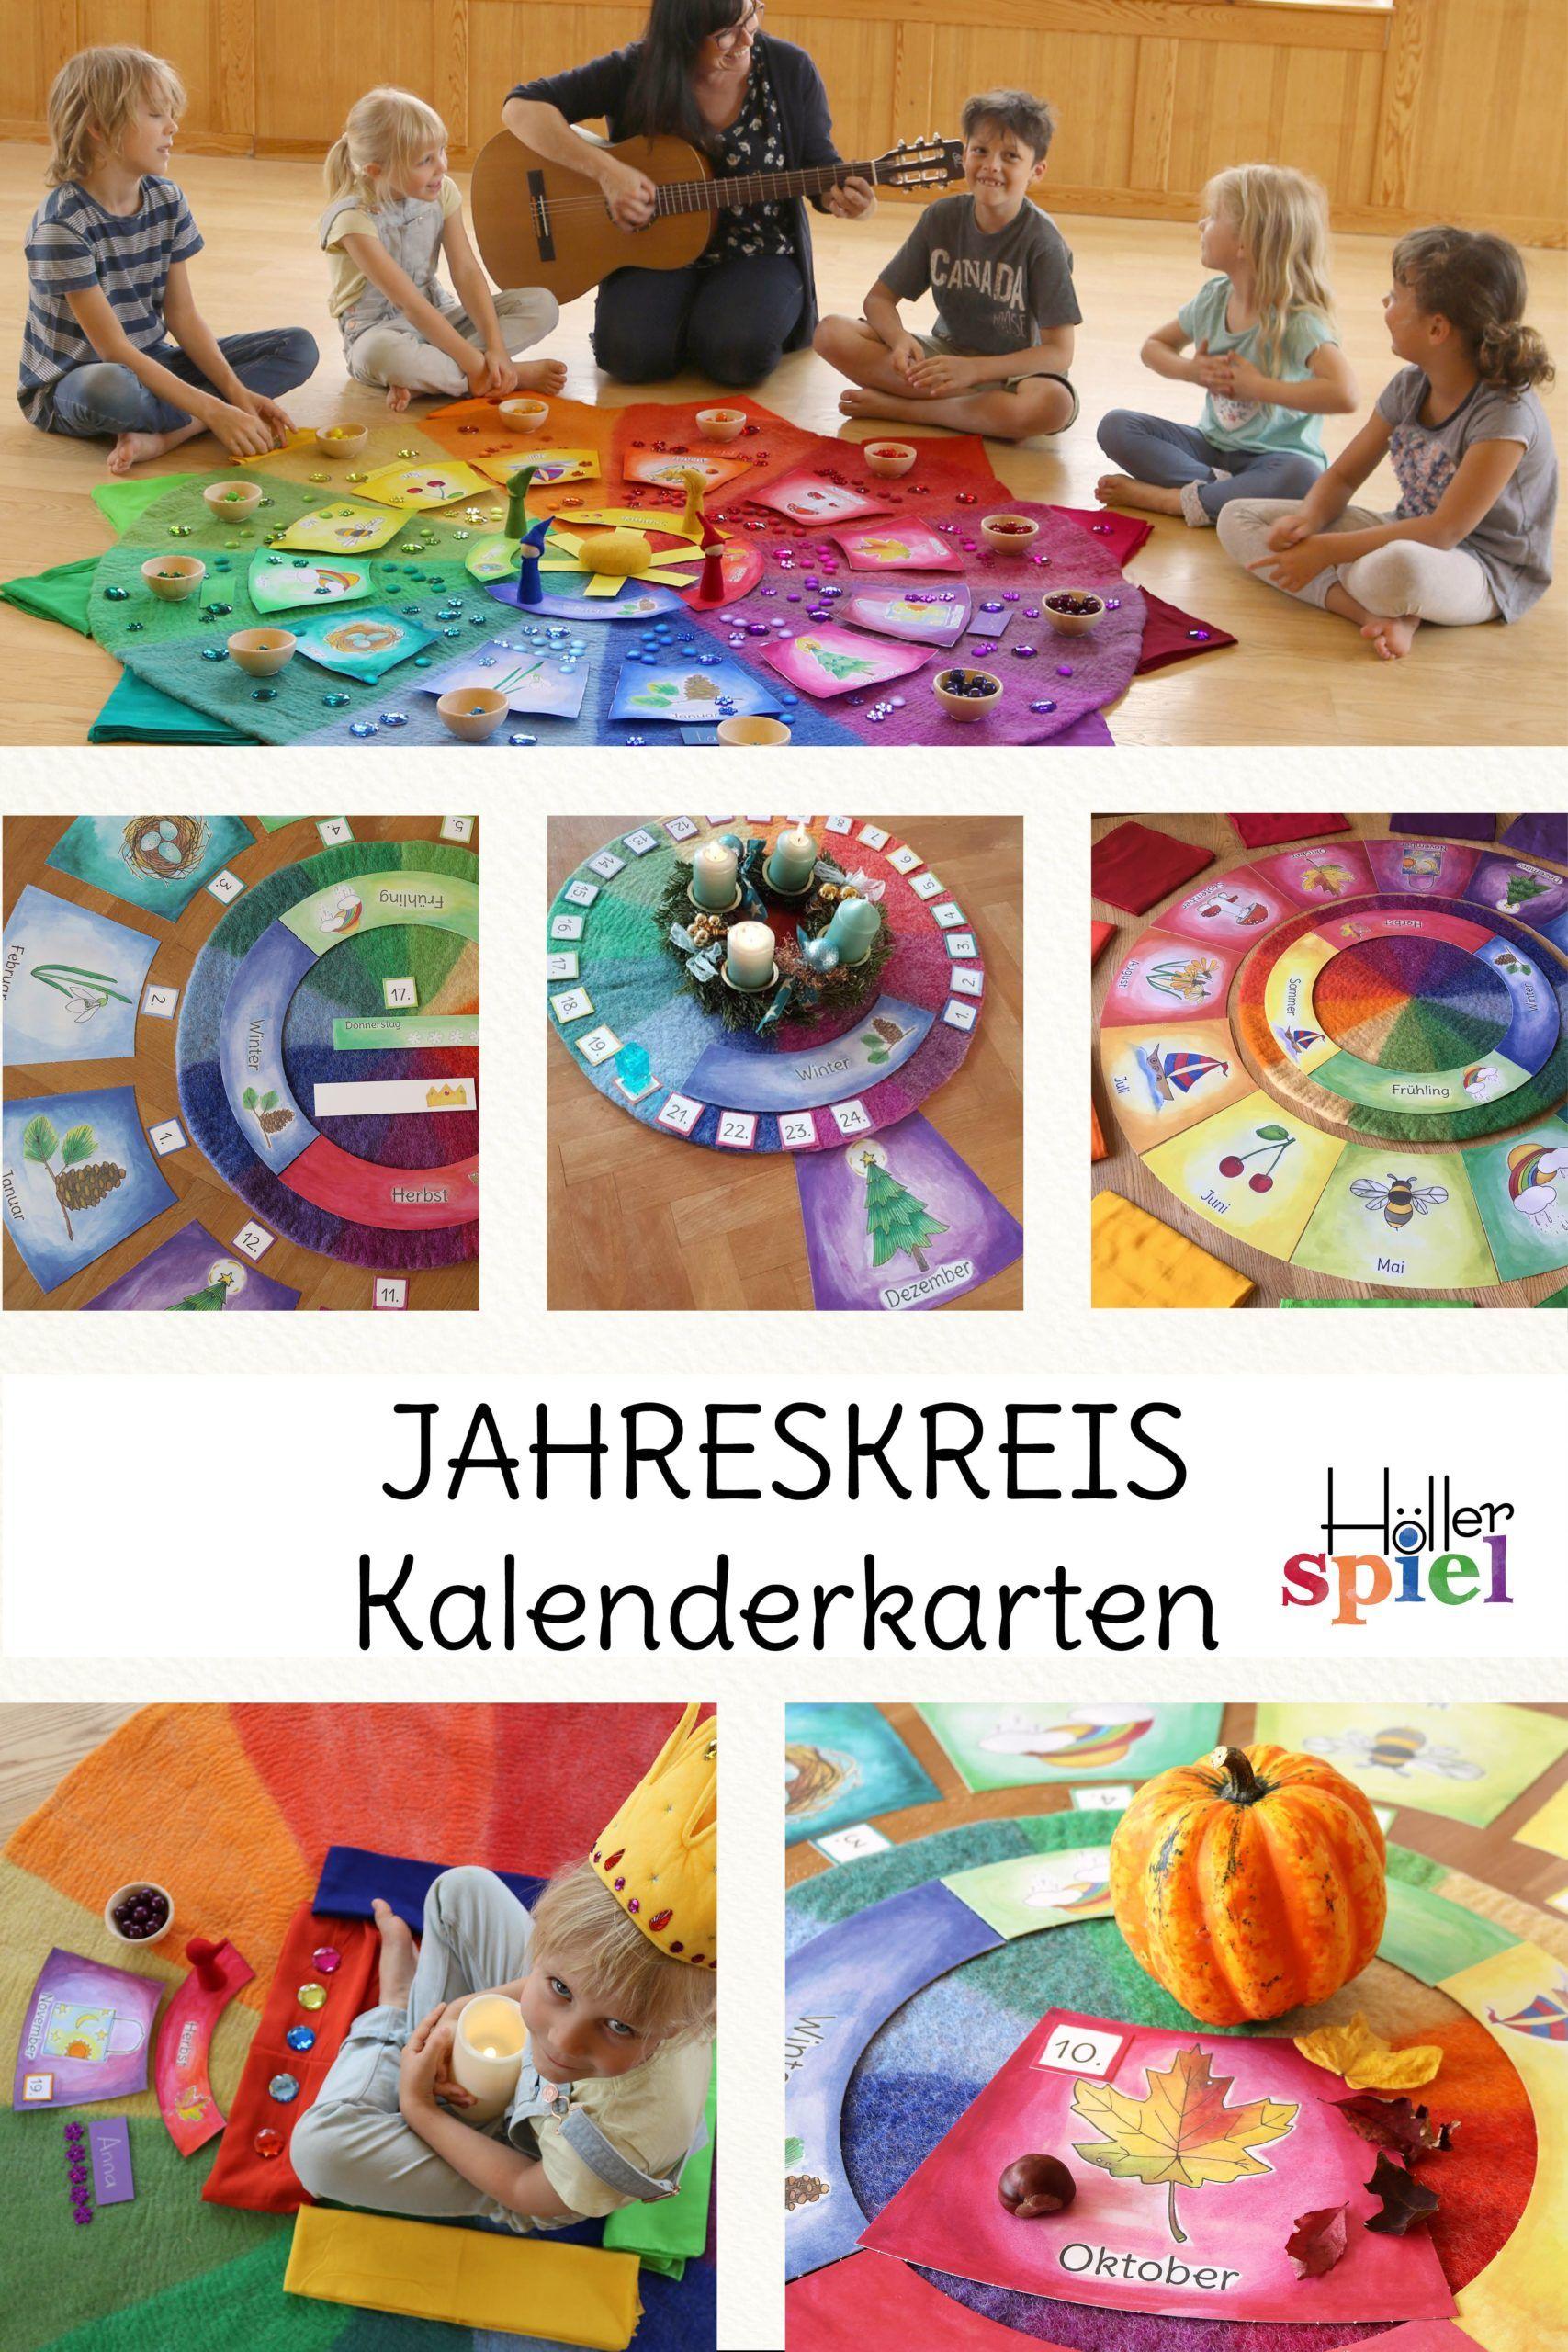 kalenderkarten für den jahreskreis den für jahreskreis